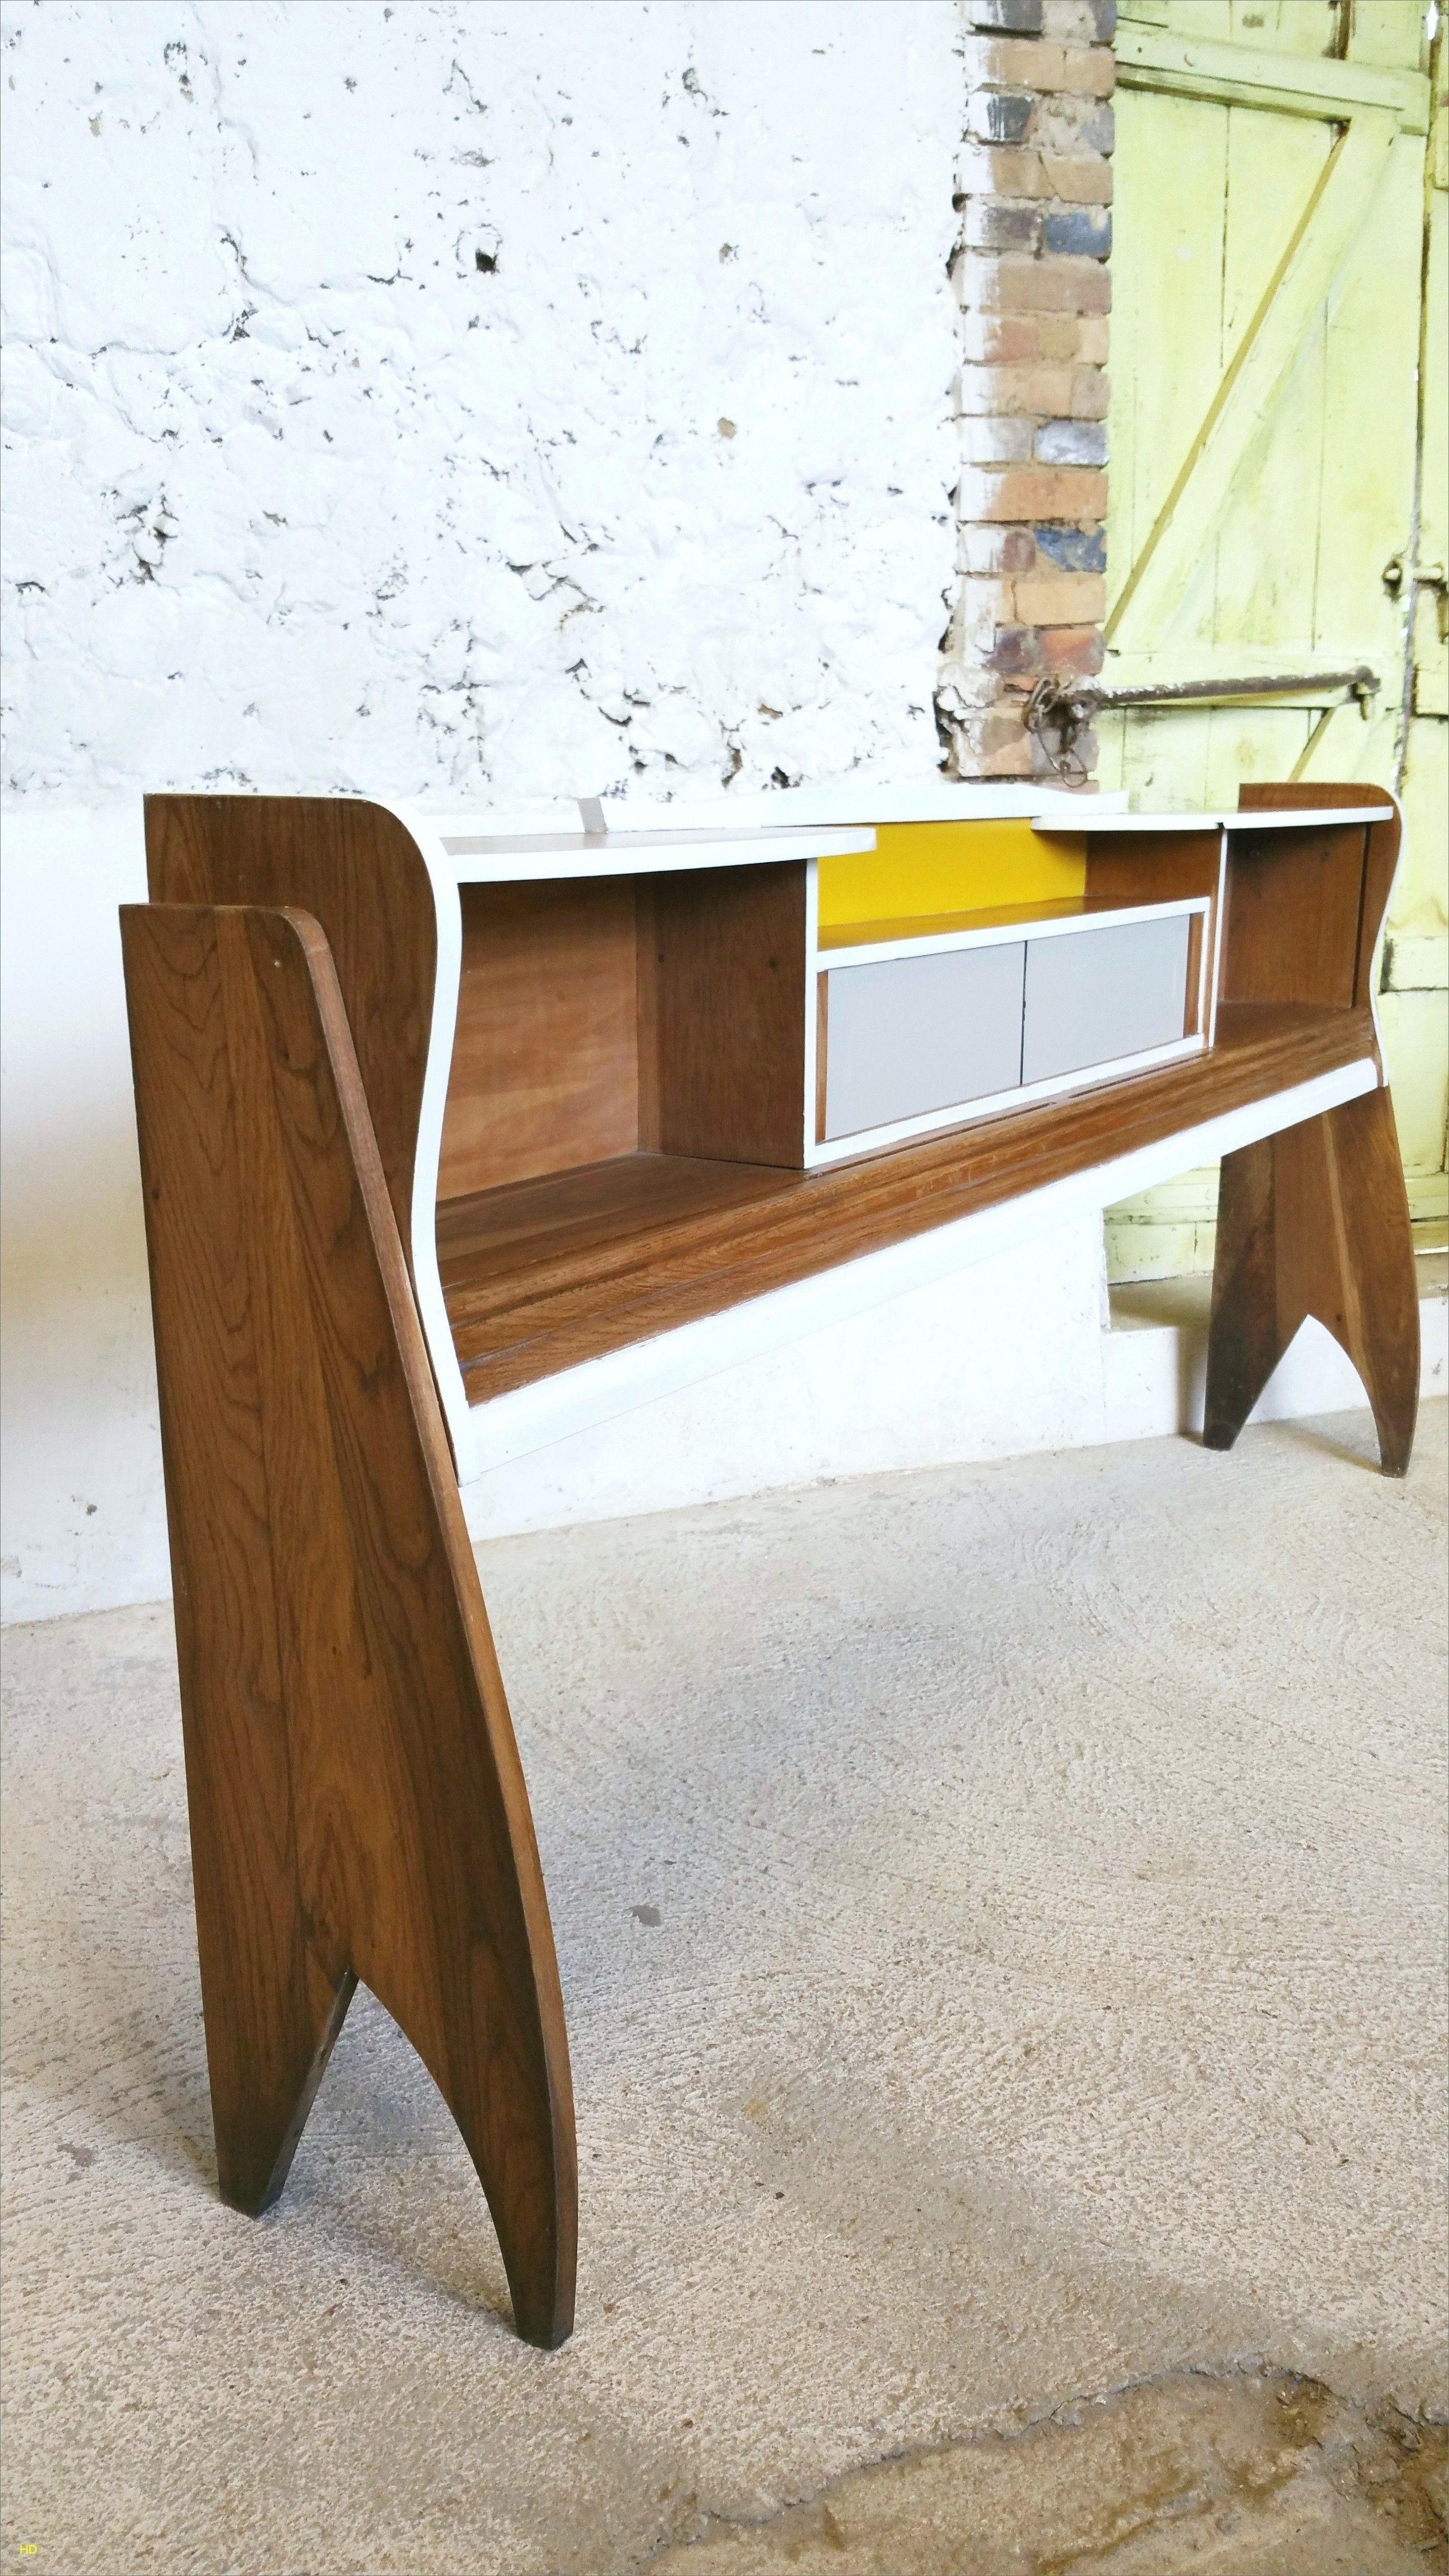 Beautiful Fabriquer Fauteuil Idées De Maison Ikea Table Coffee